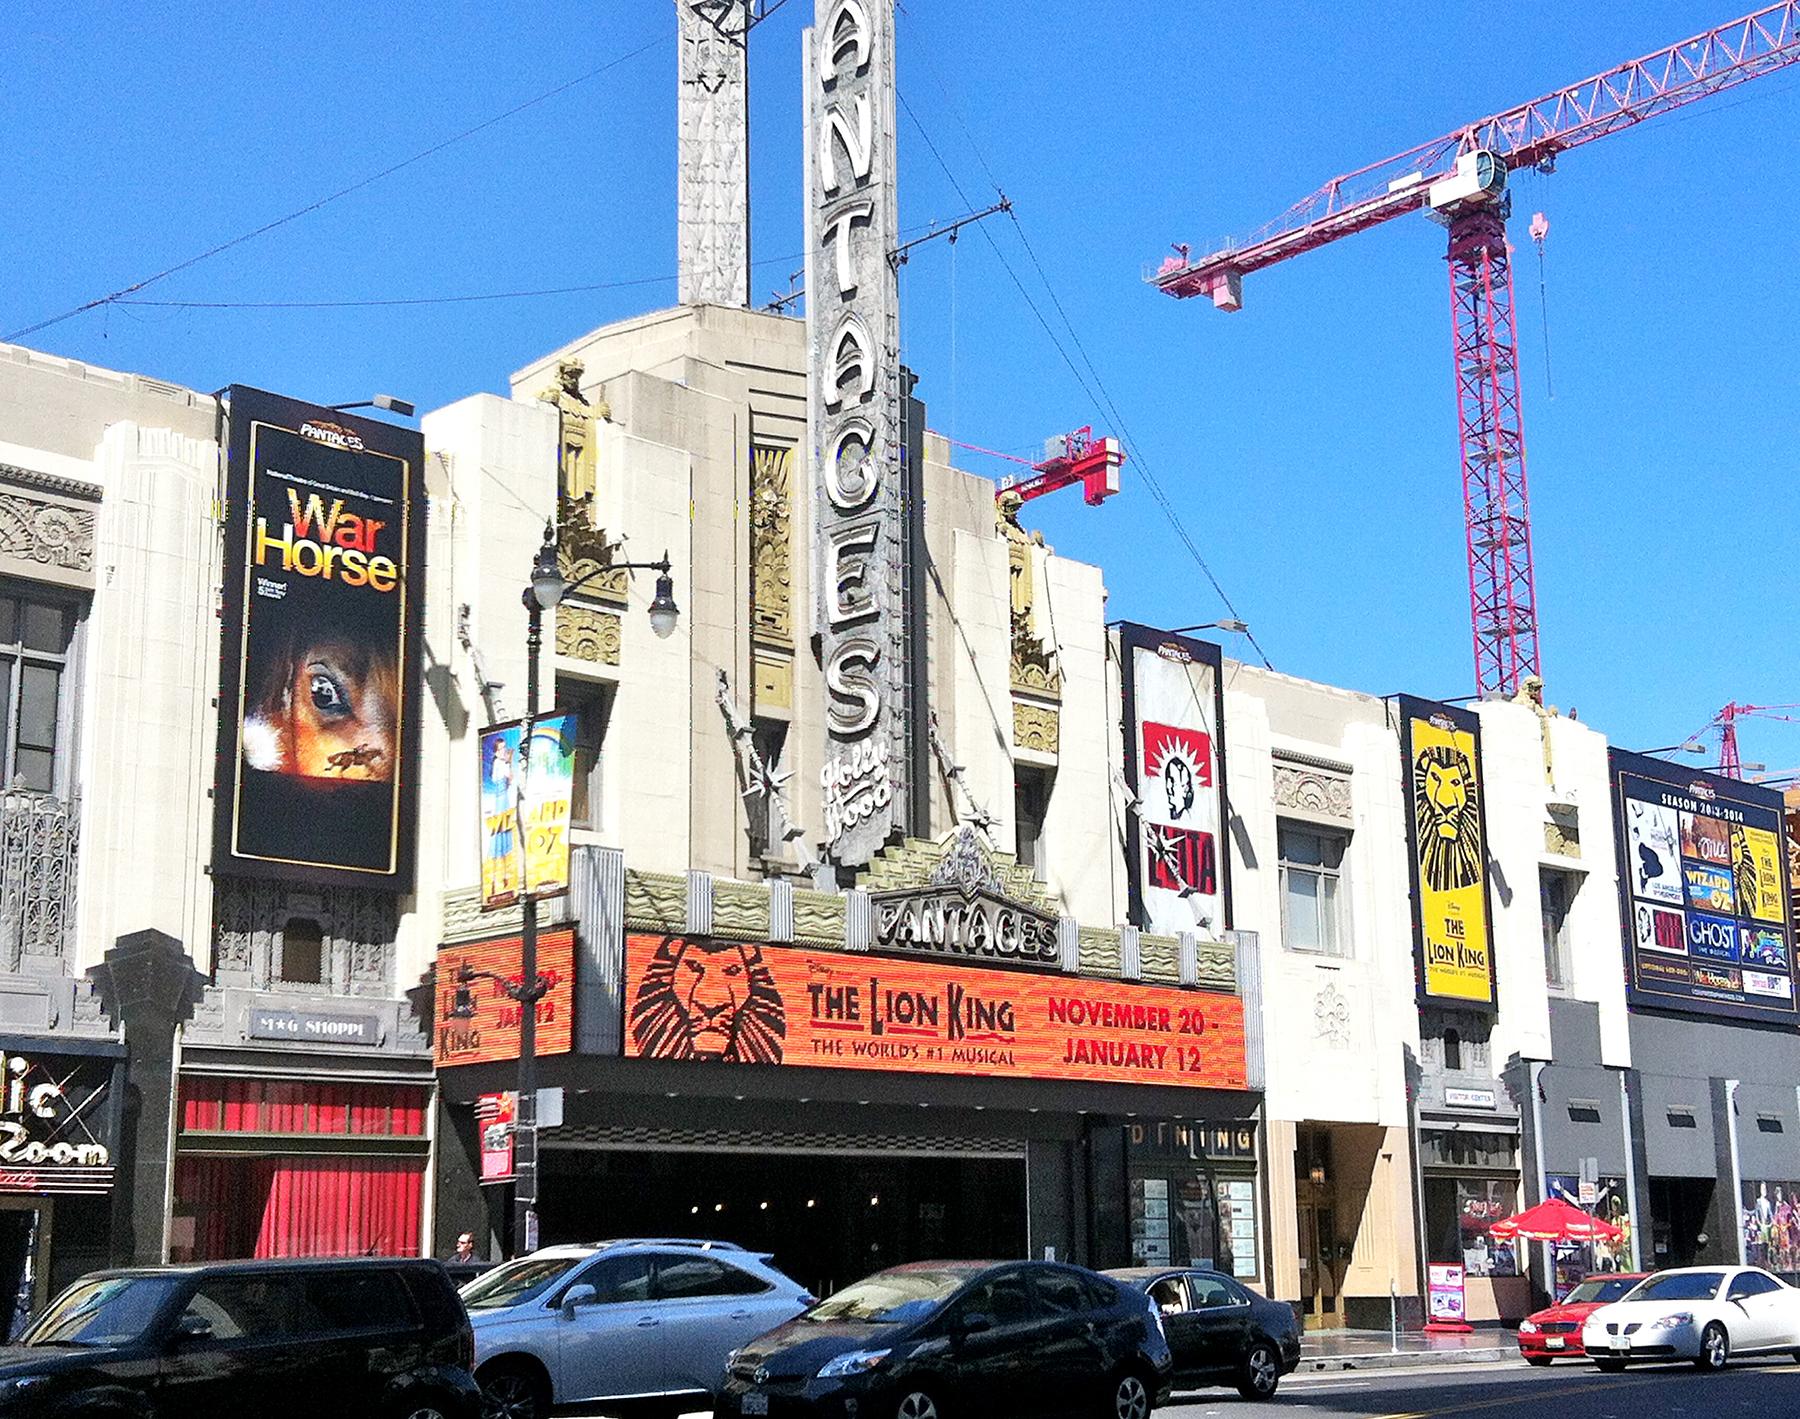 ミュージカル劇場も近所、いつも満員★